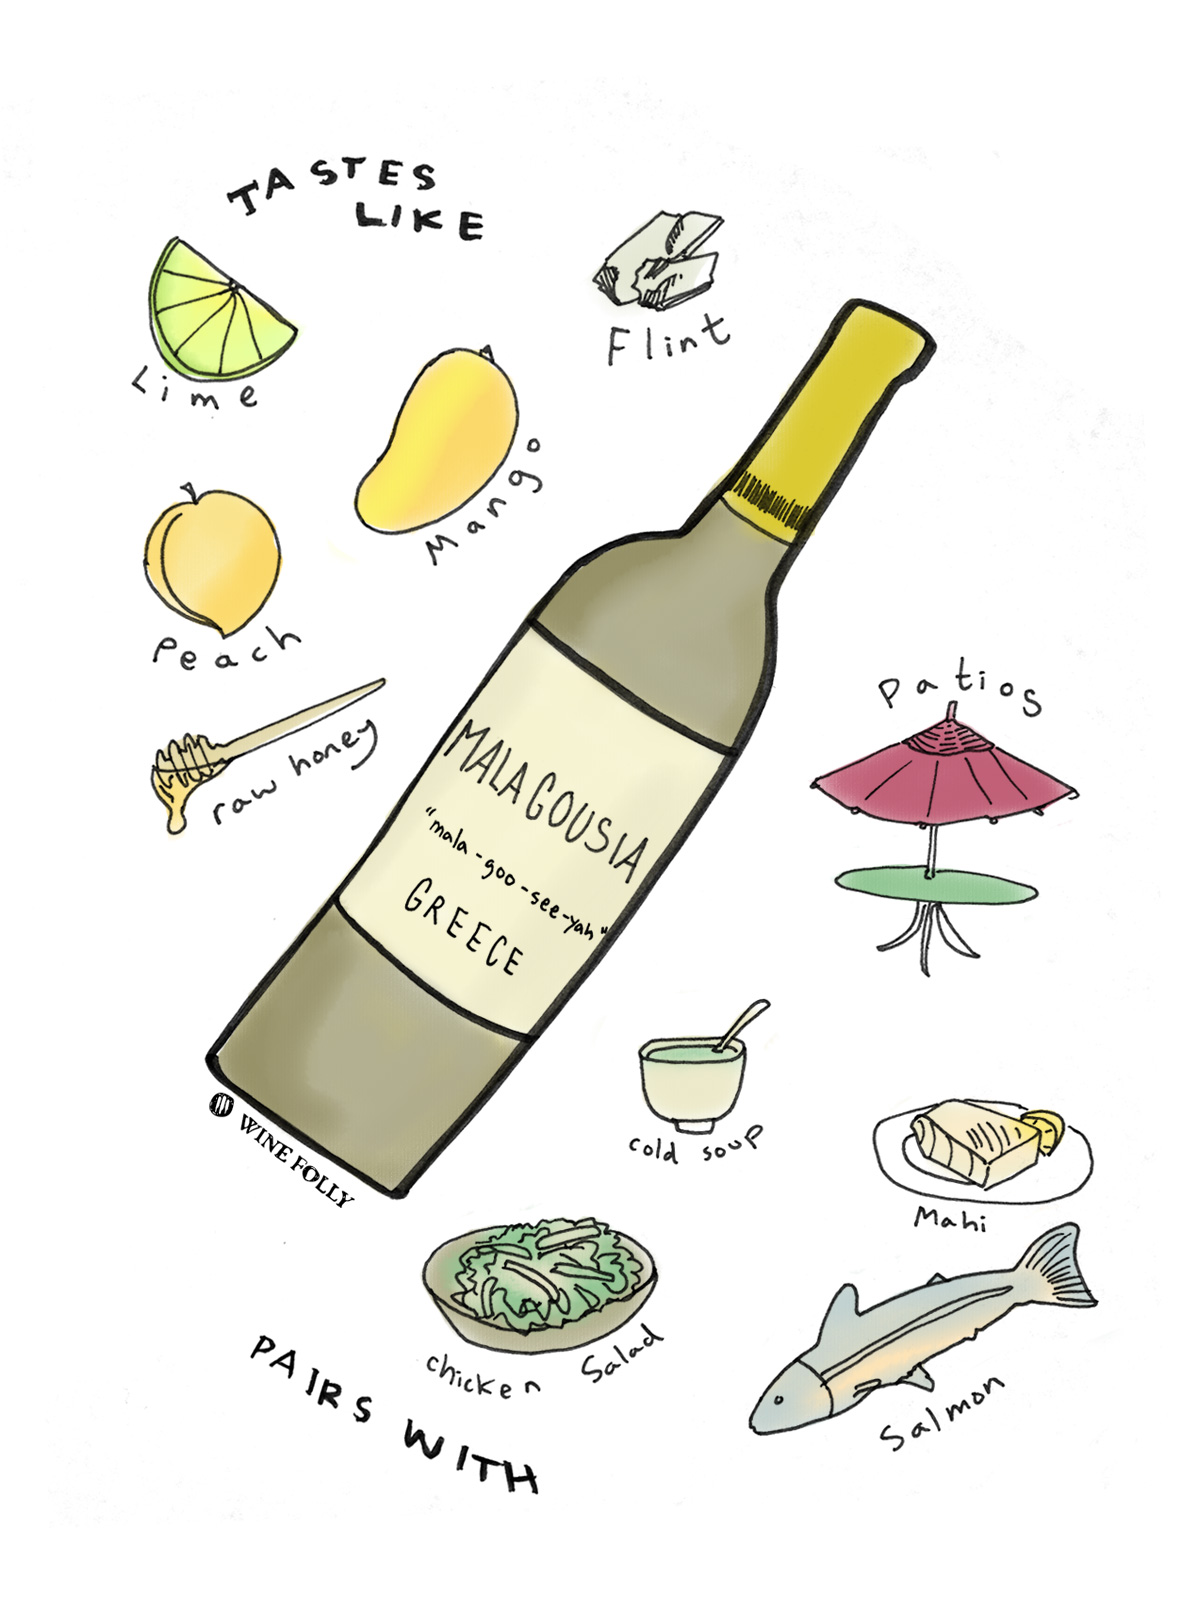 Malagousia Wine Taste Profile